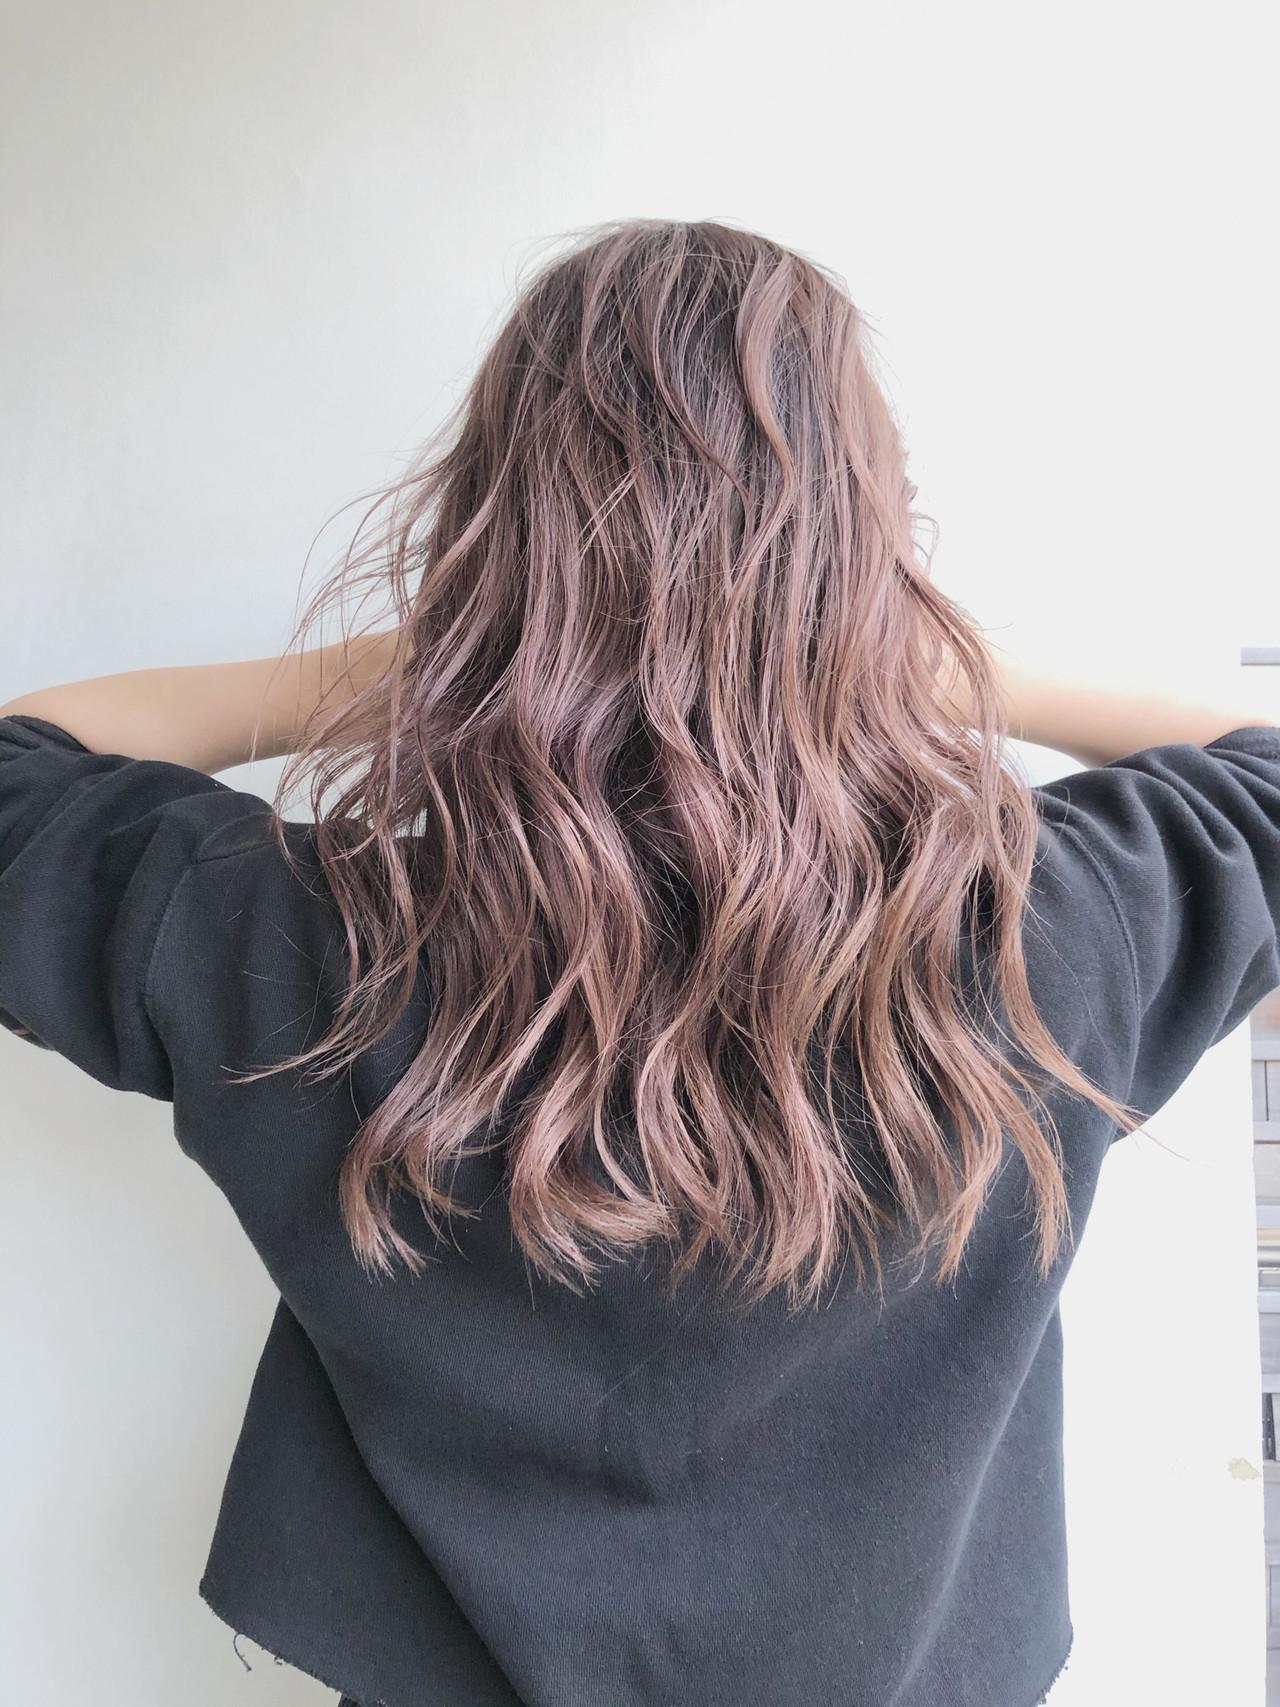 ブリーチカラー ハイライト バレイヤージュ 波ウェーブ ヘアスタイルや髪型の写真・画像 | Kohei assort tokyo / assort tokyo